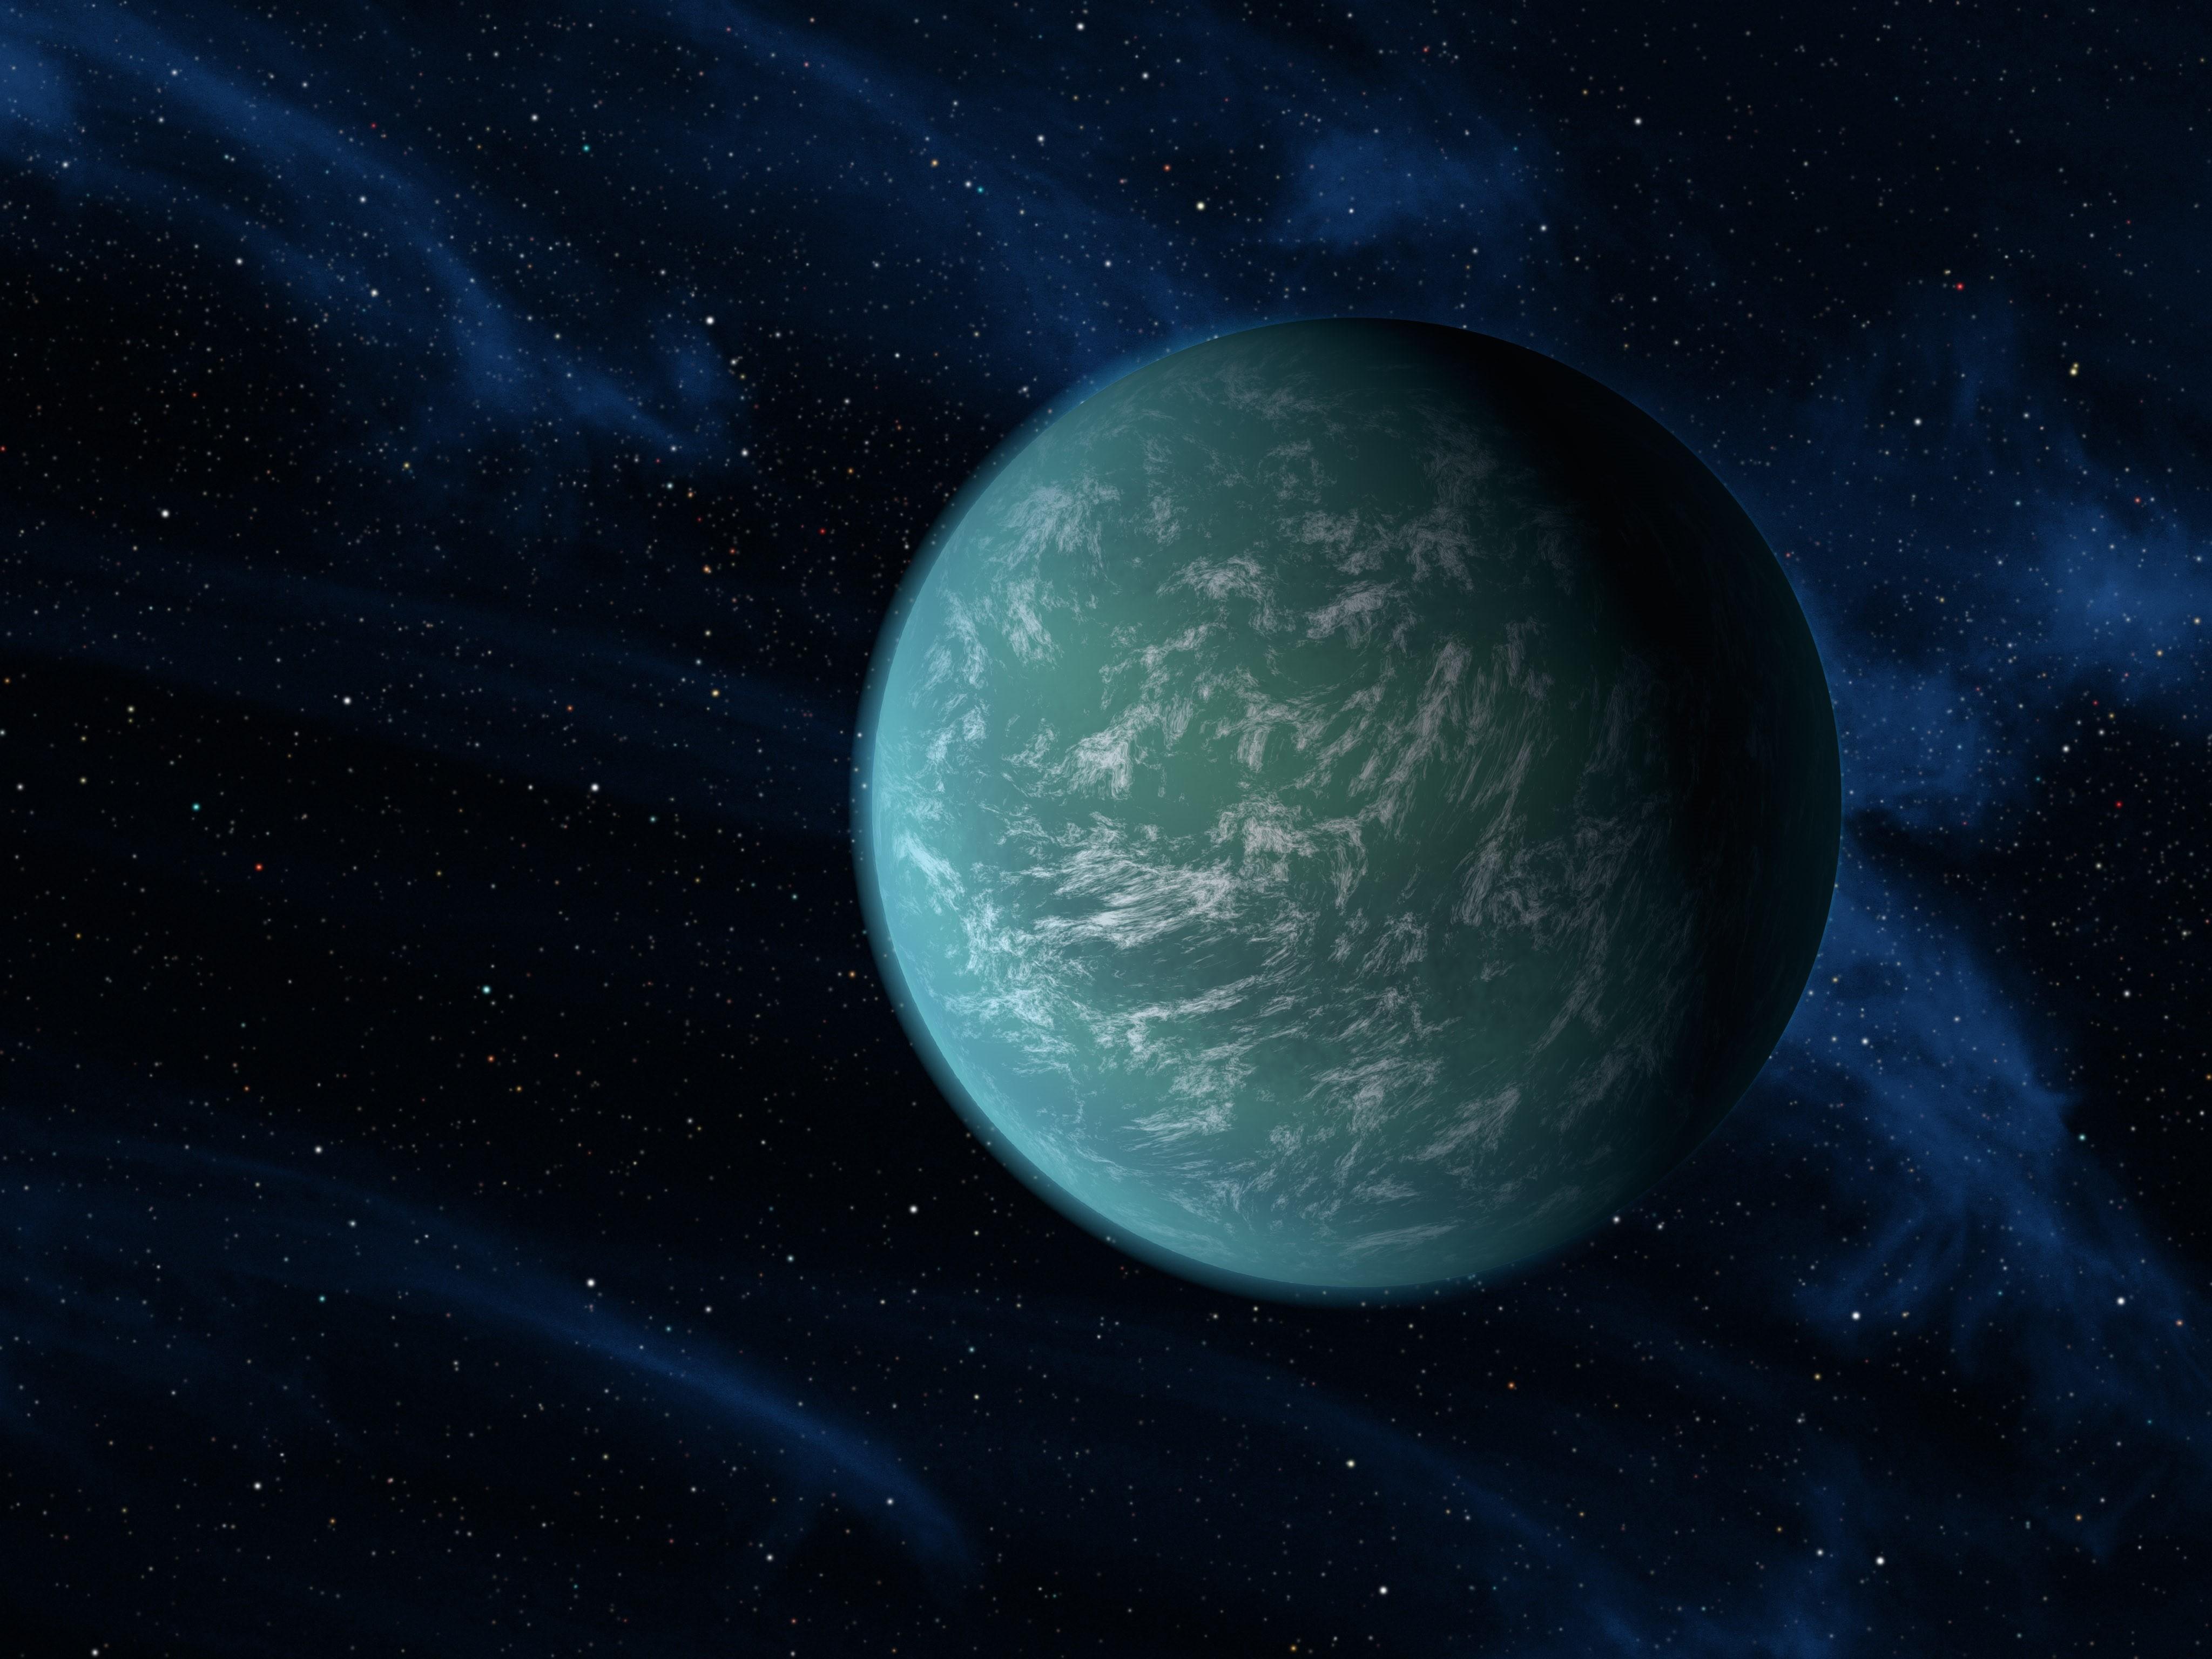 gezegen resimleri